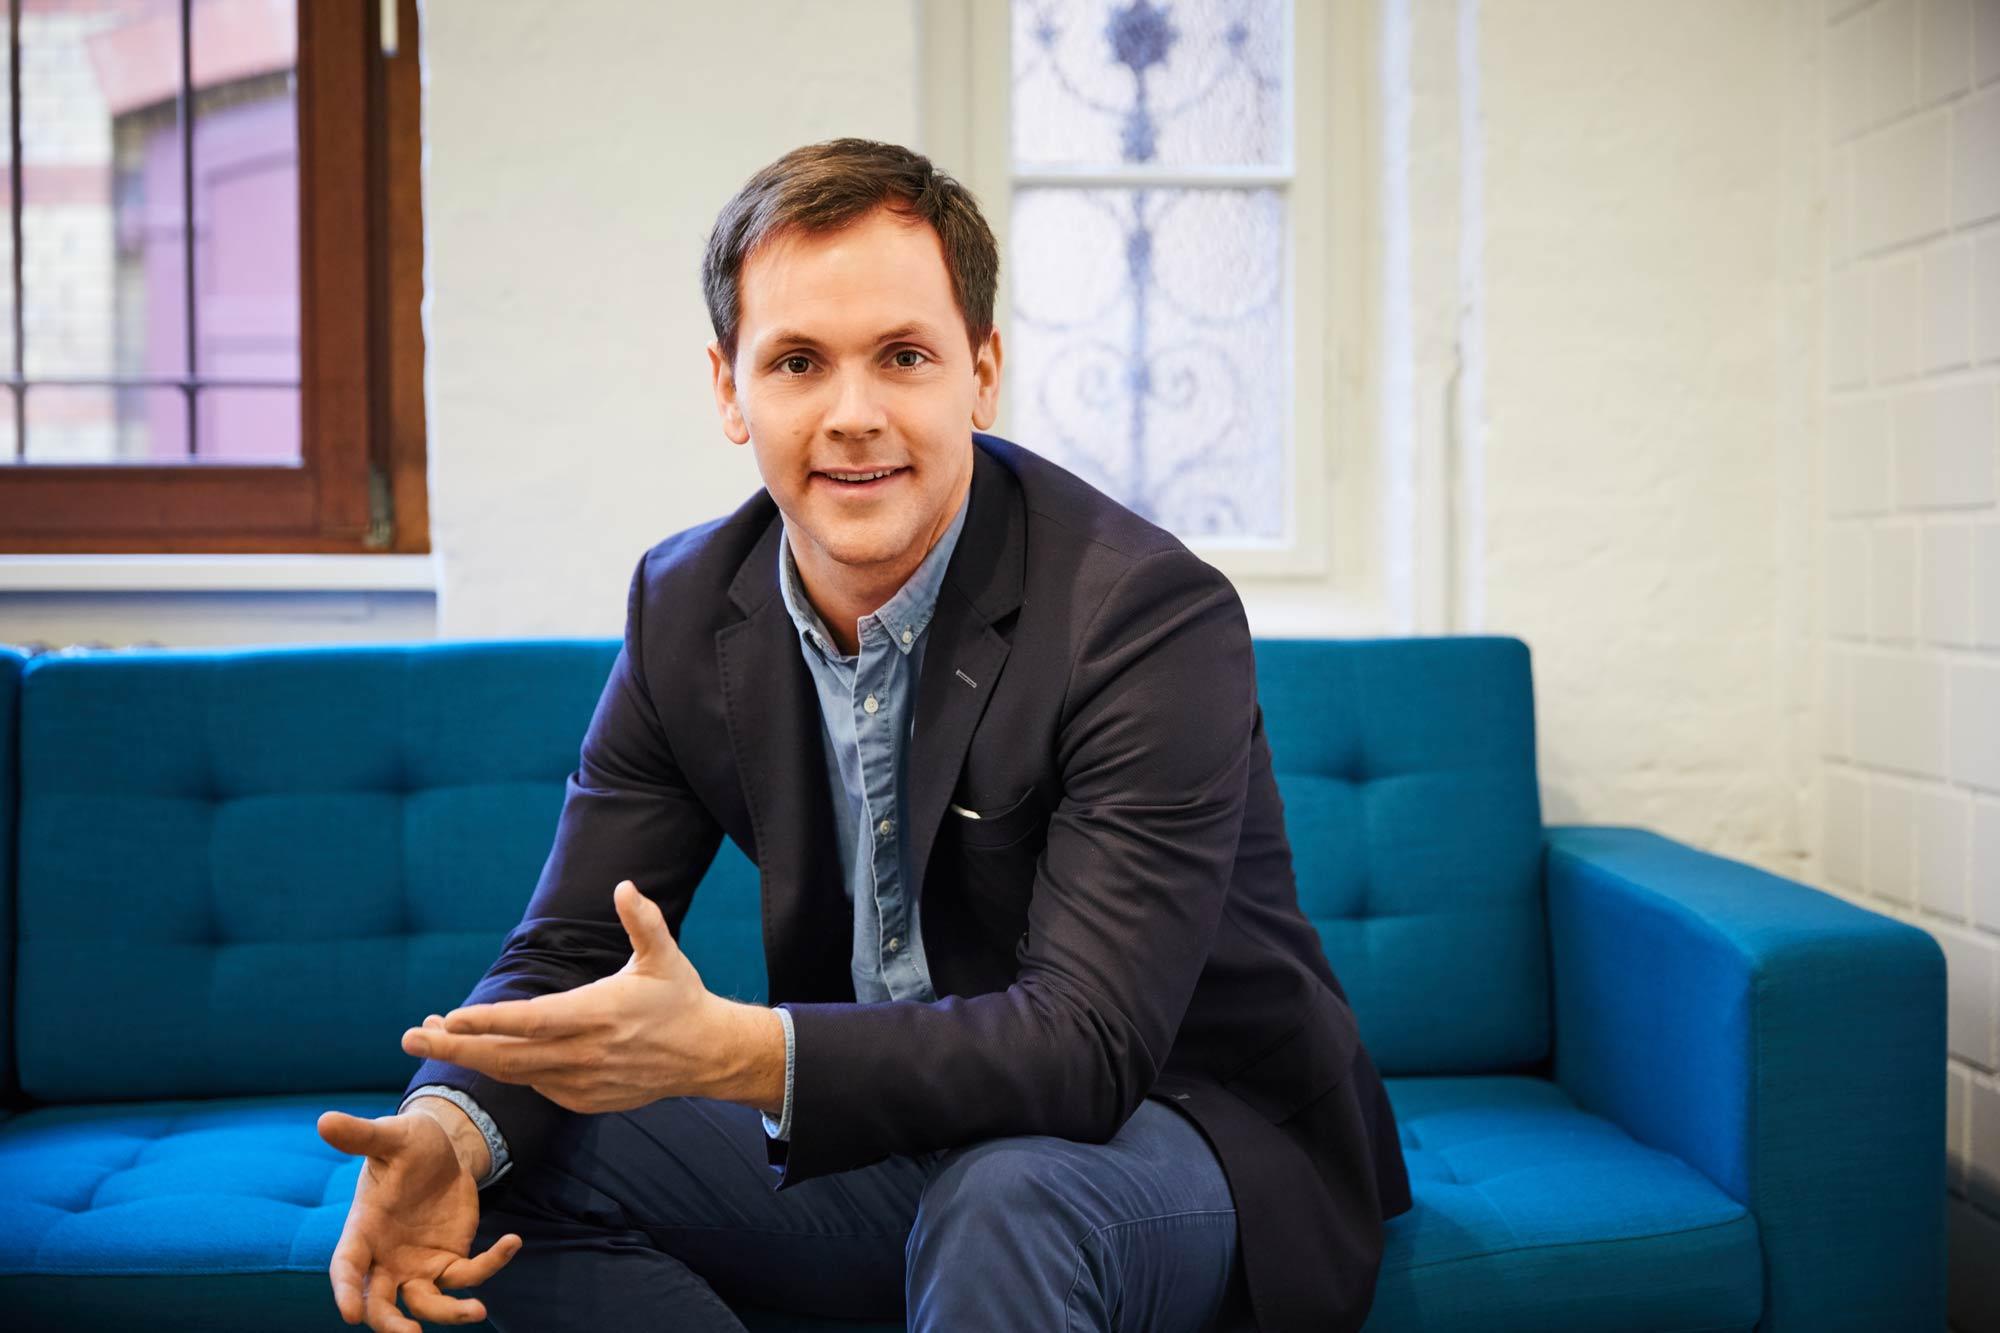 Philipp Schröder (33) ist als Geschäftsführer Vertrieb und Marketing für die globale Expansion von sonnen in Deutschland, Italien, Großbritannien, Australien und den USA sowie die Einführung der sonnenCommunity verantwortlich. (Quelle: sonnen GmbH)